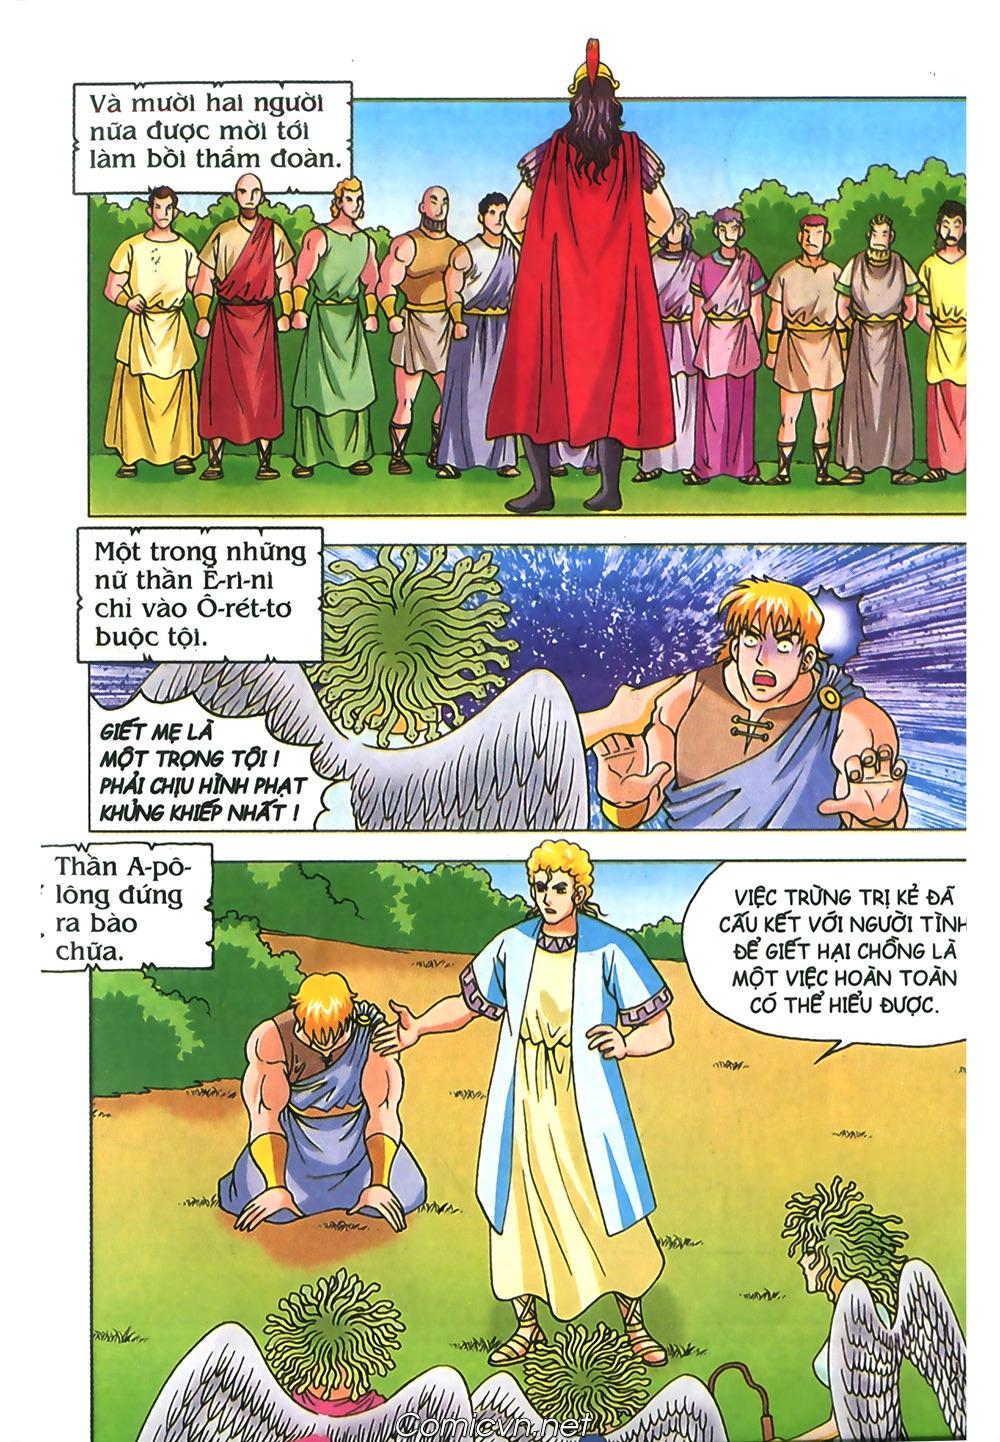 Thần Thoại Hy Lạp Màu - Chapter 71: Nàng Ê lếch tơ 2 - Pic 44